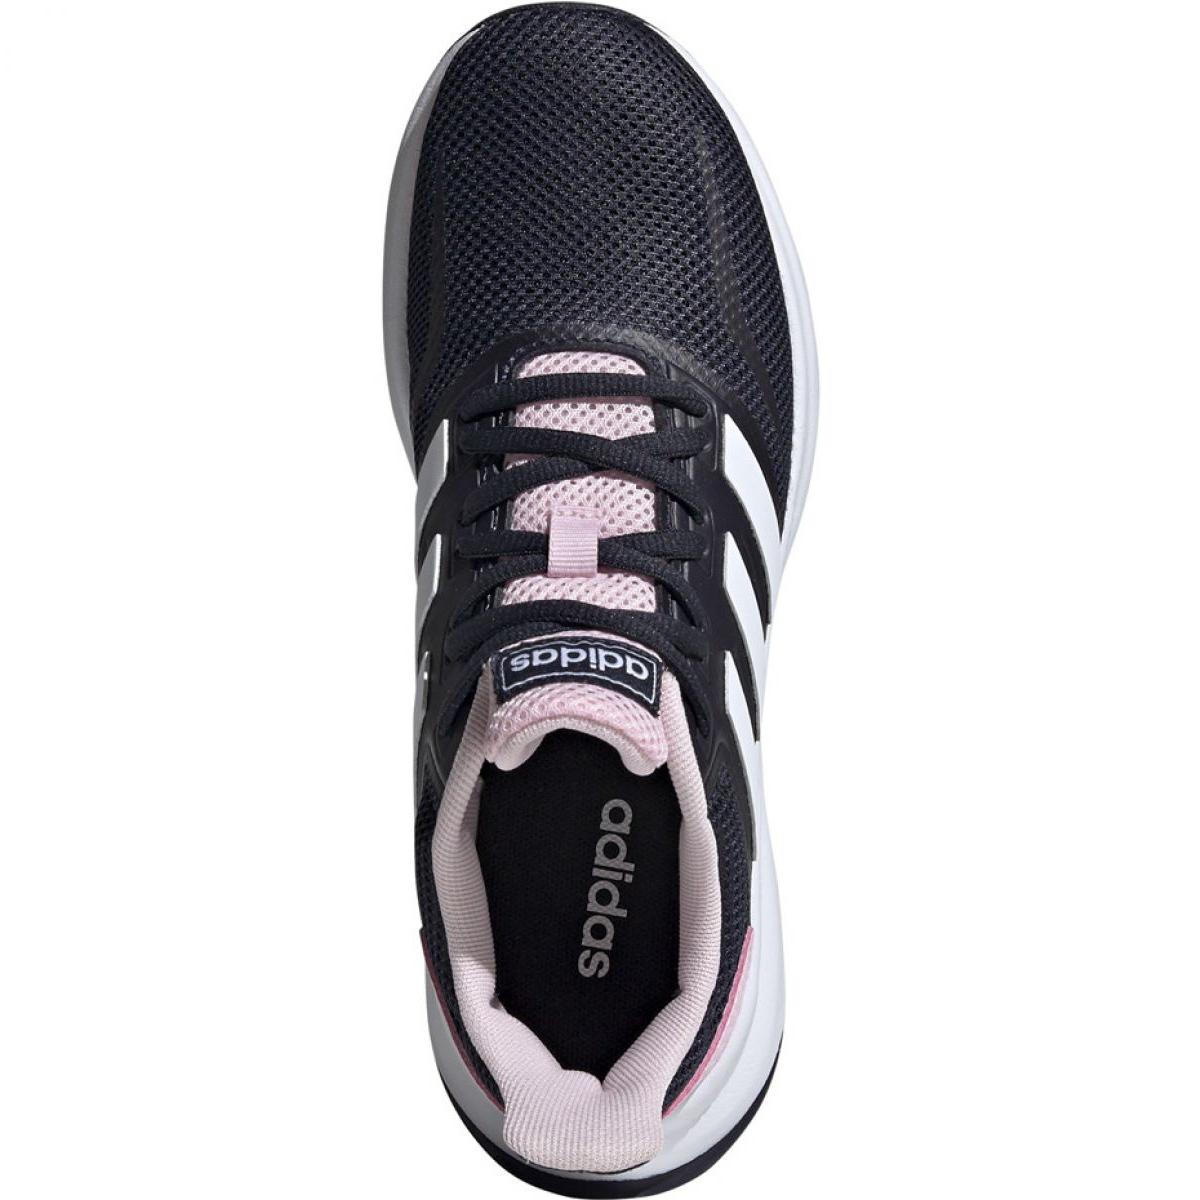 Buty do biegania adidas Falcon W EF0152 czarne